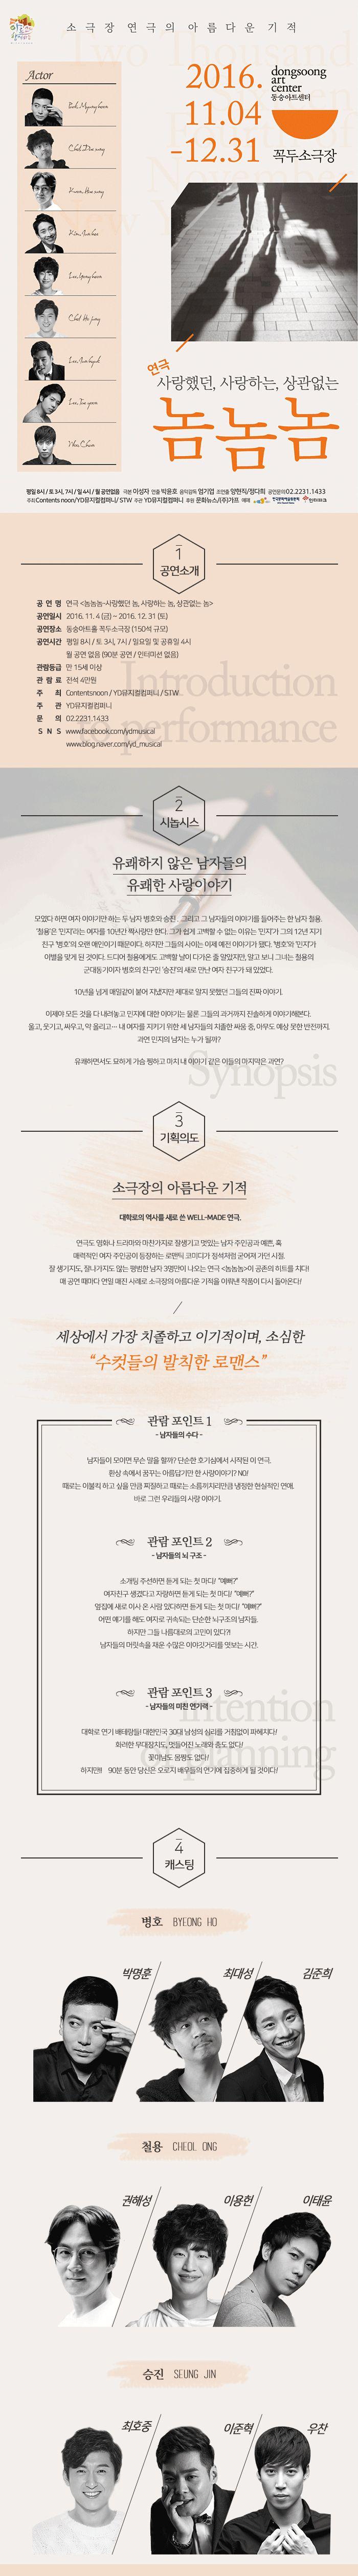 [초대이벤트] 연극 <놈놈놈> 초대이벤트 - 11월 26일(토) 3시, 7시 대학로 동숭아트센터 꼭두소극장